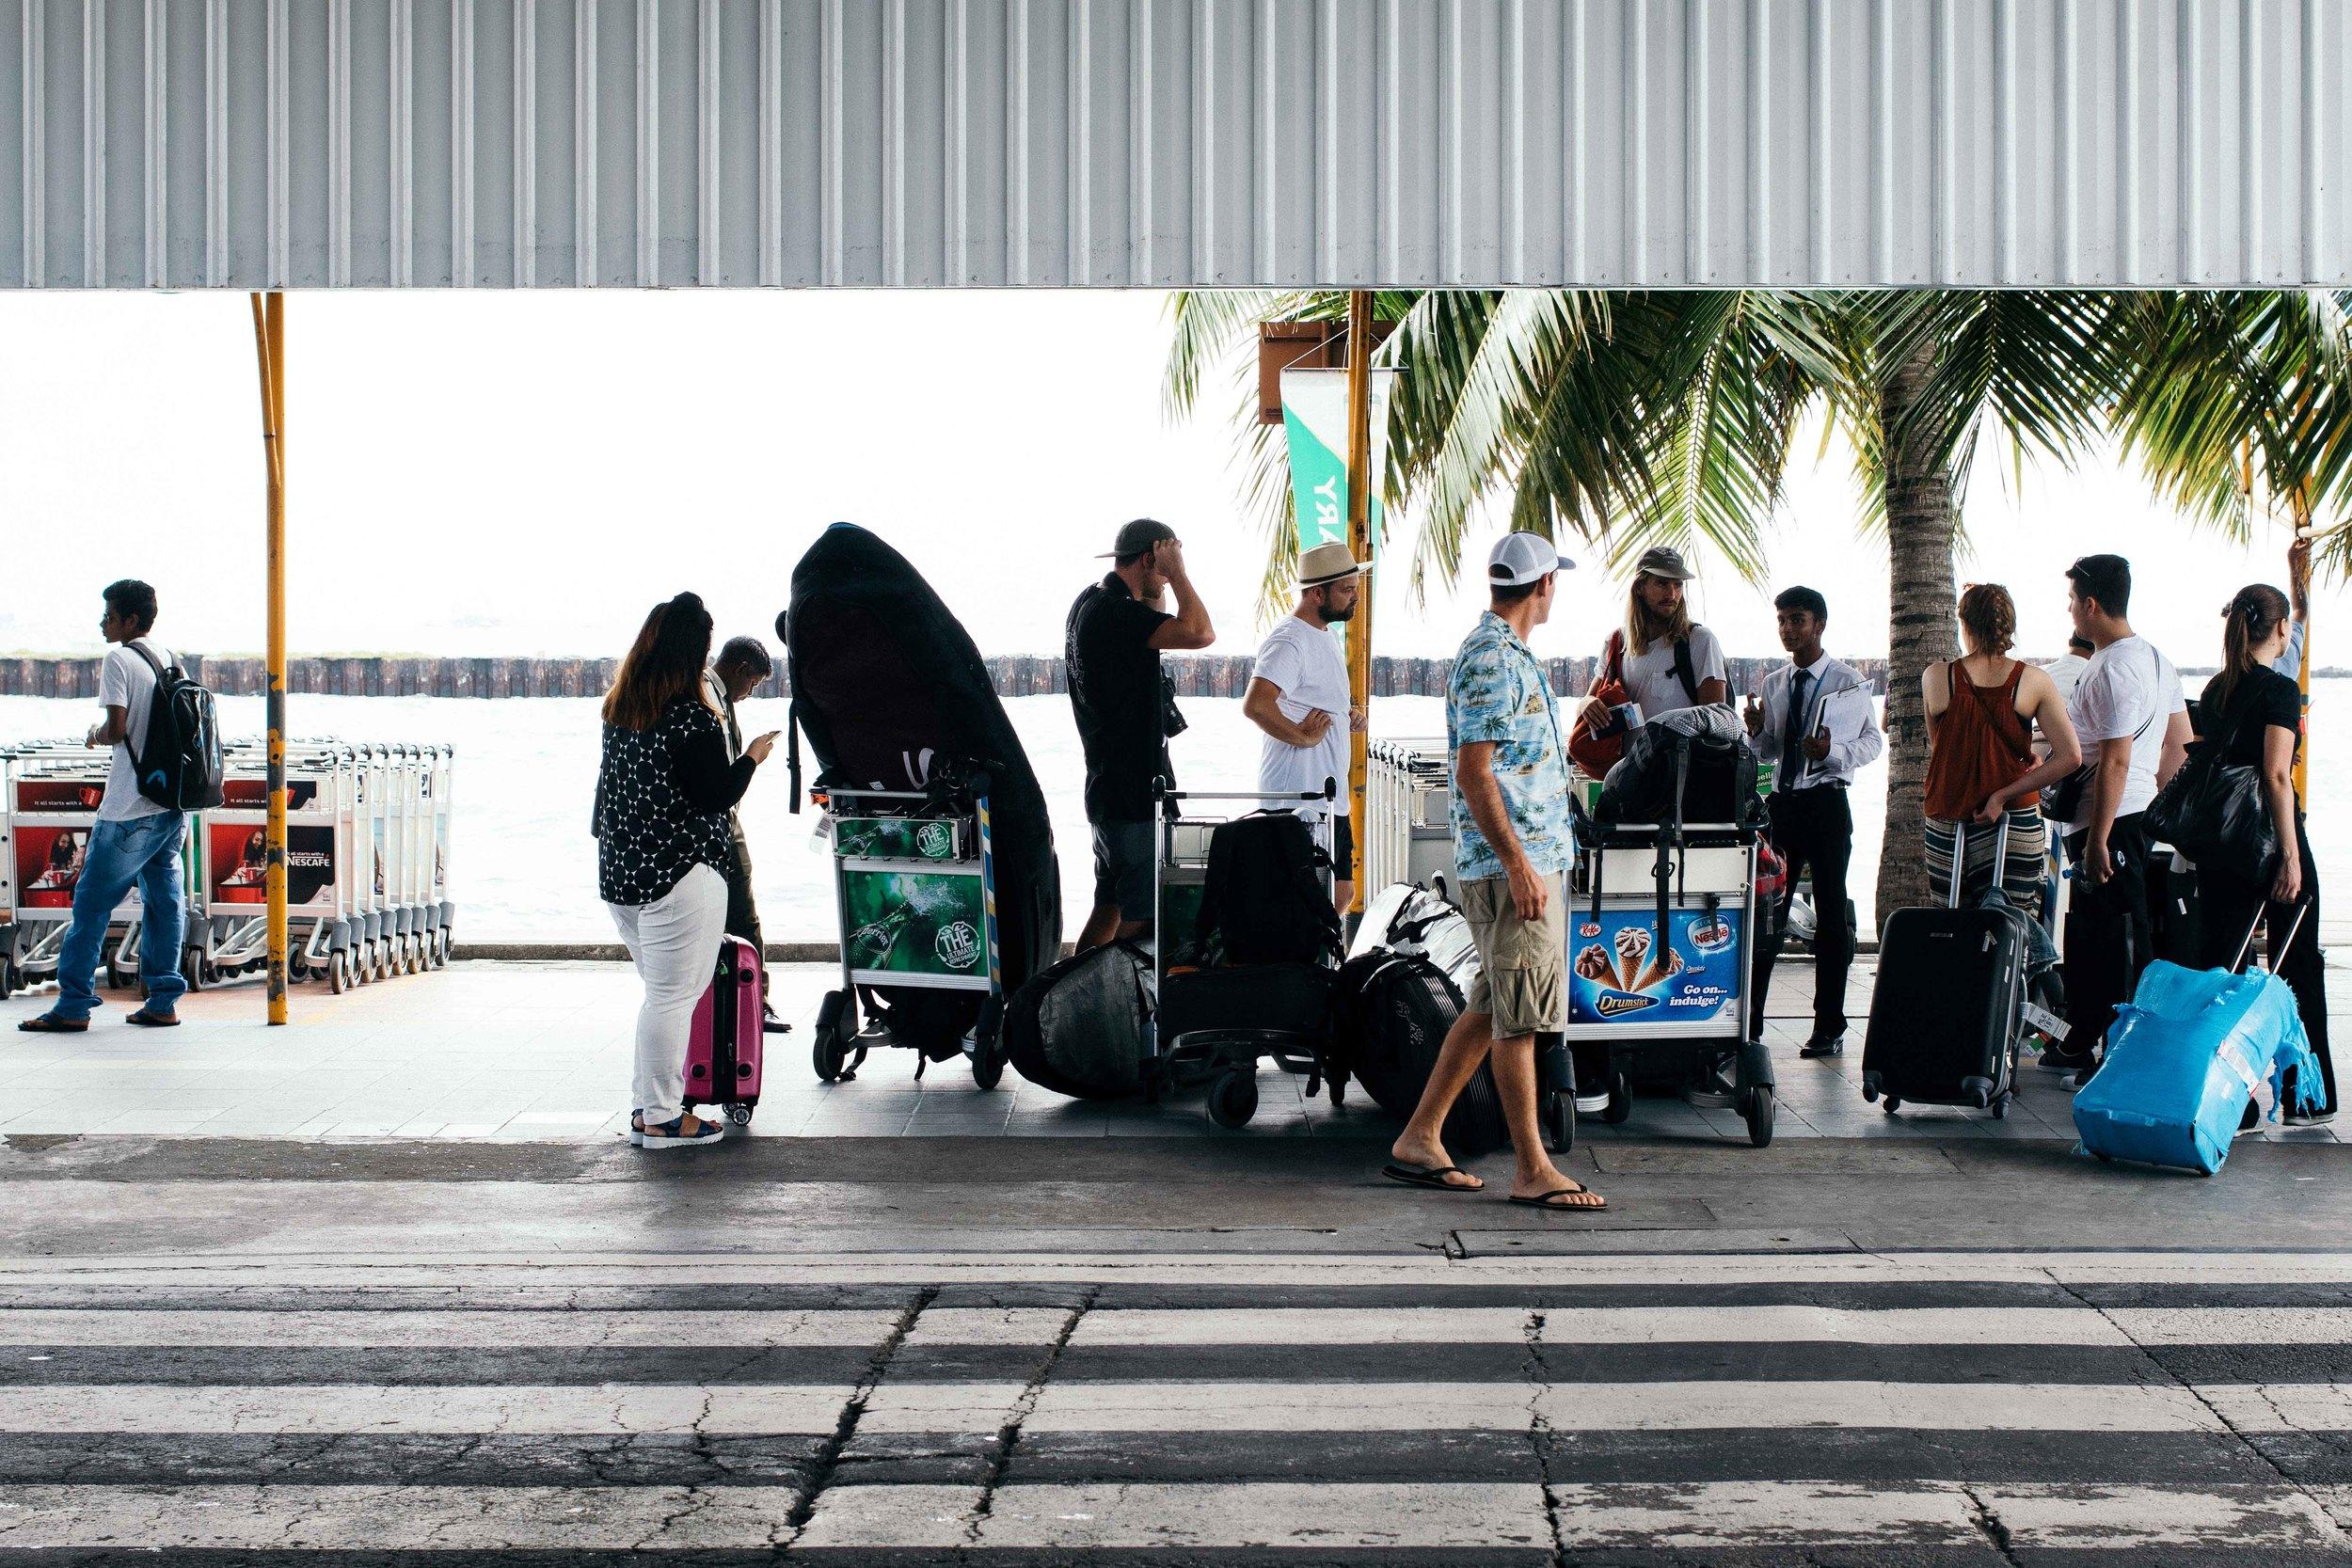 MALDIVES_CORONA_COCONUT COMRADERY_04.jpg